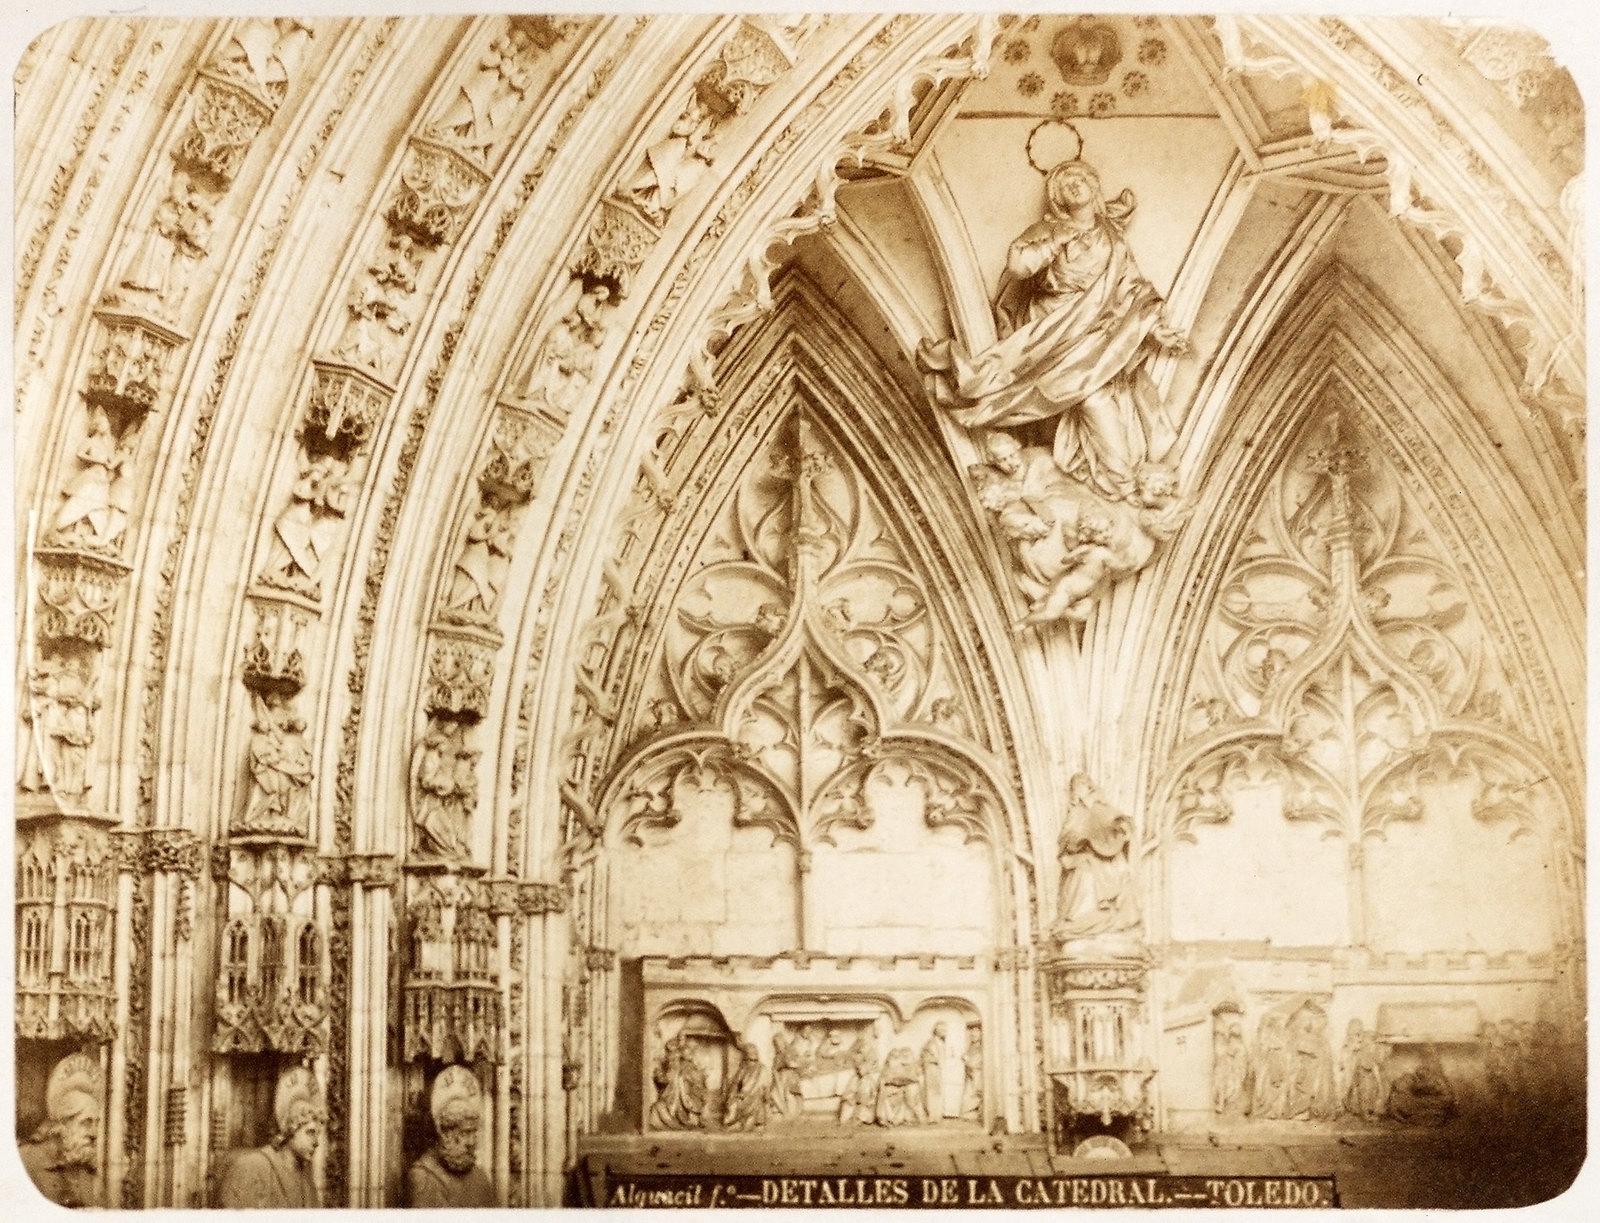 Puerta de los Leones de la Catedral de Toledo hacia 1879. Álbum de la National Gallery con fotos de Casiano Alguacil.